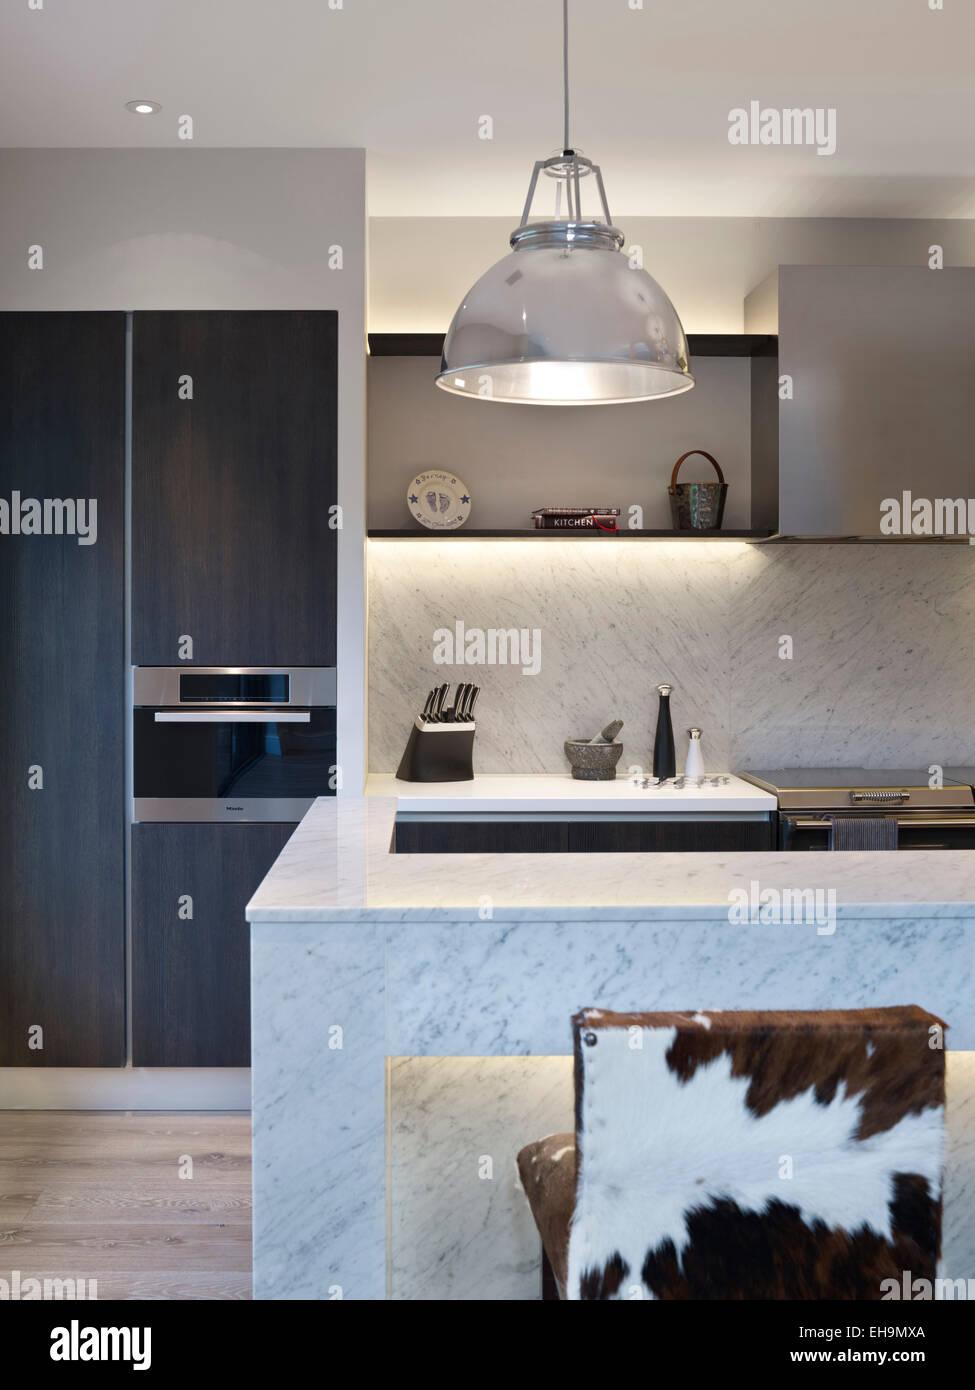 Ausgezeichnet Küche Pendelleuchte Uk Ideen - Küchenschrank Ideen ...